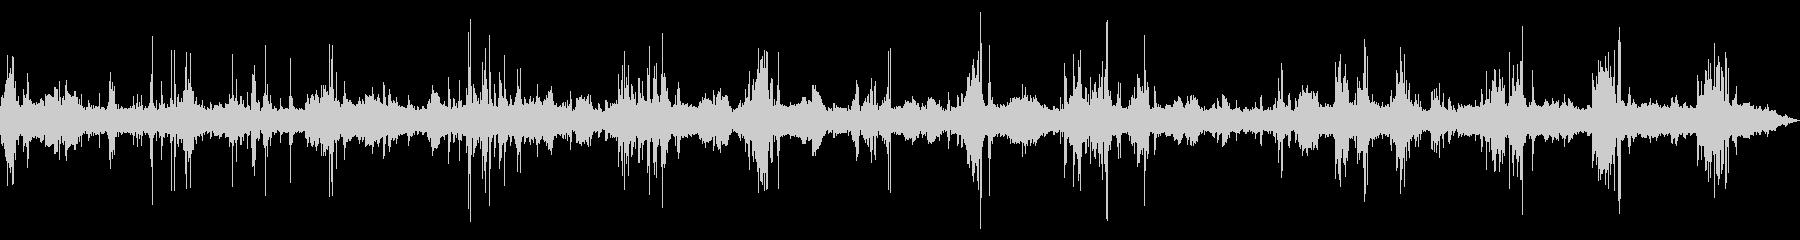 [生録音]工事現場01(大型重機)の未再生の波形